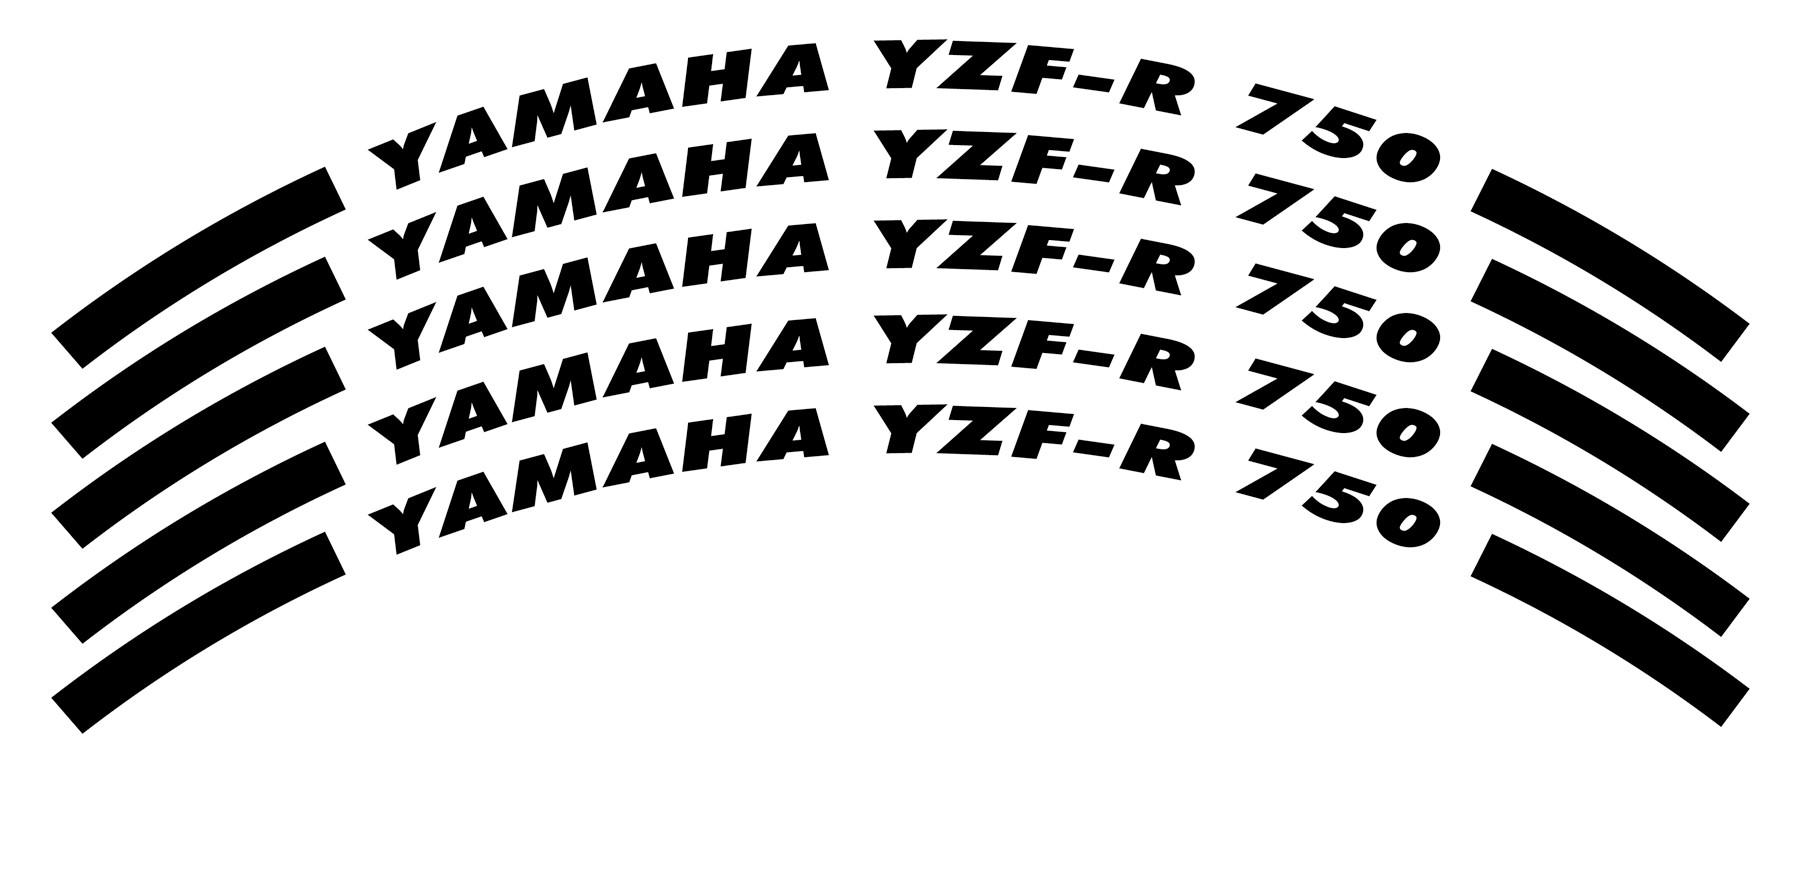 Felgenrandaufkleber Yamaha YZF-R 750 schwarz